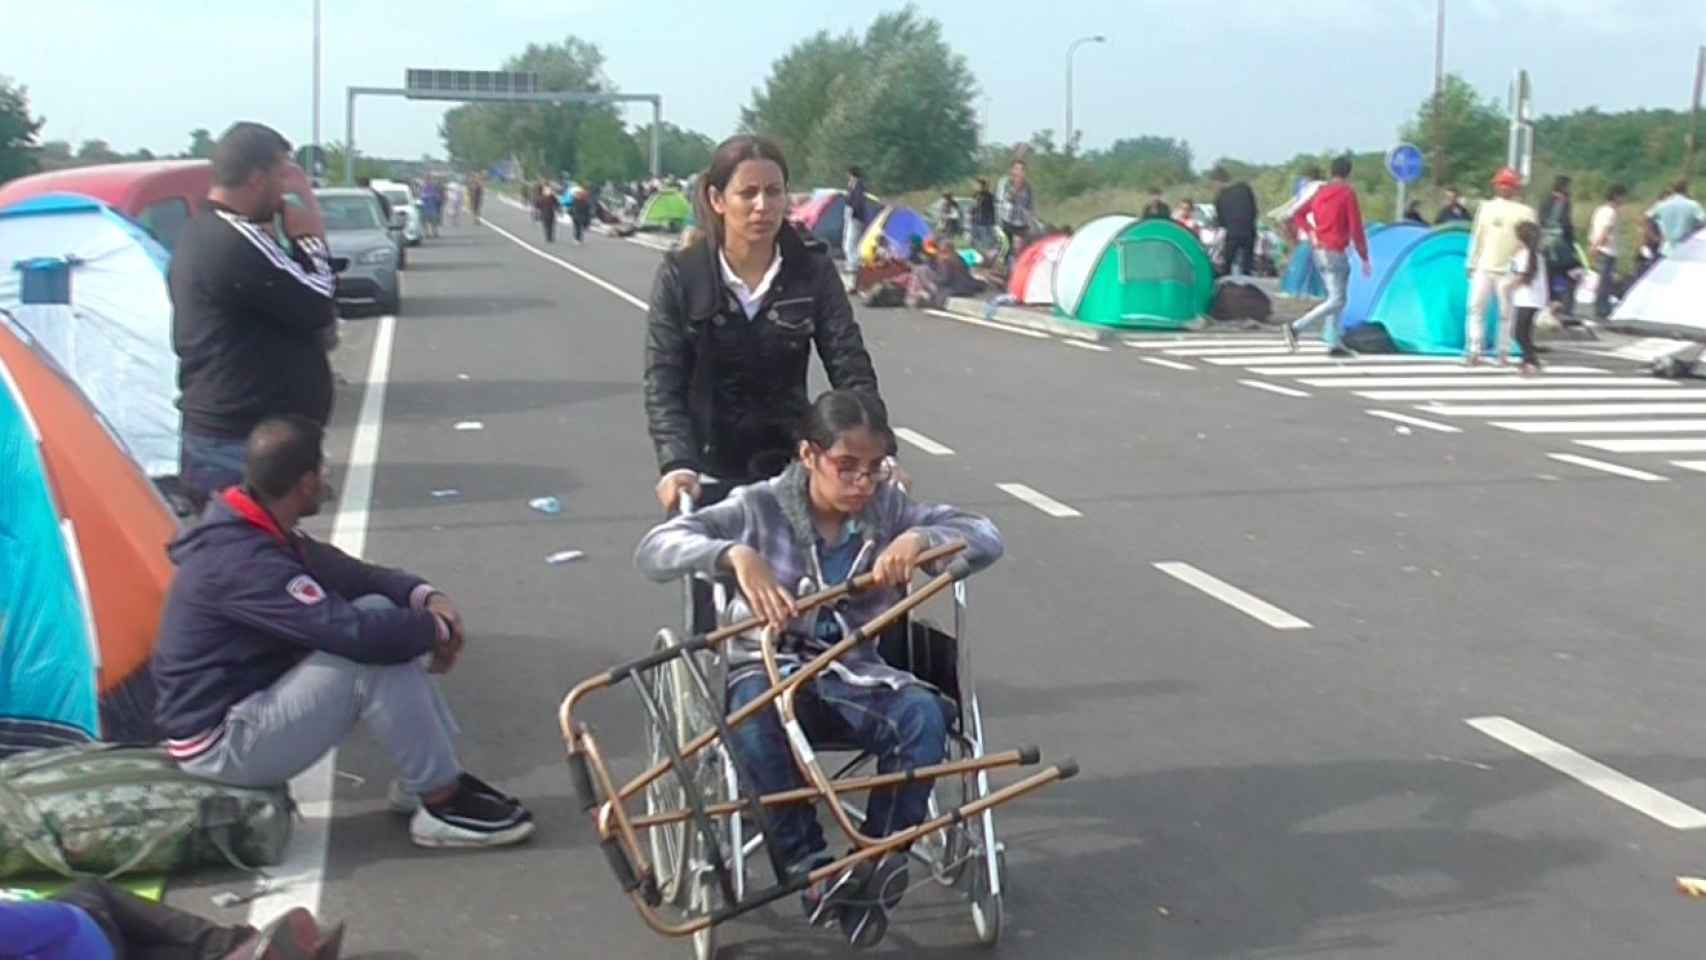 La hermana de Nujeen la ayuda para  avanzar junto a los demás demandantes de asilo.